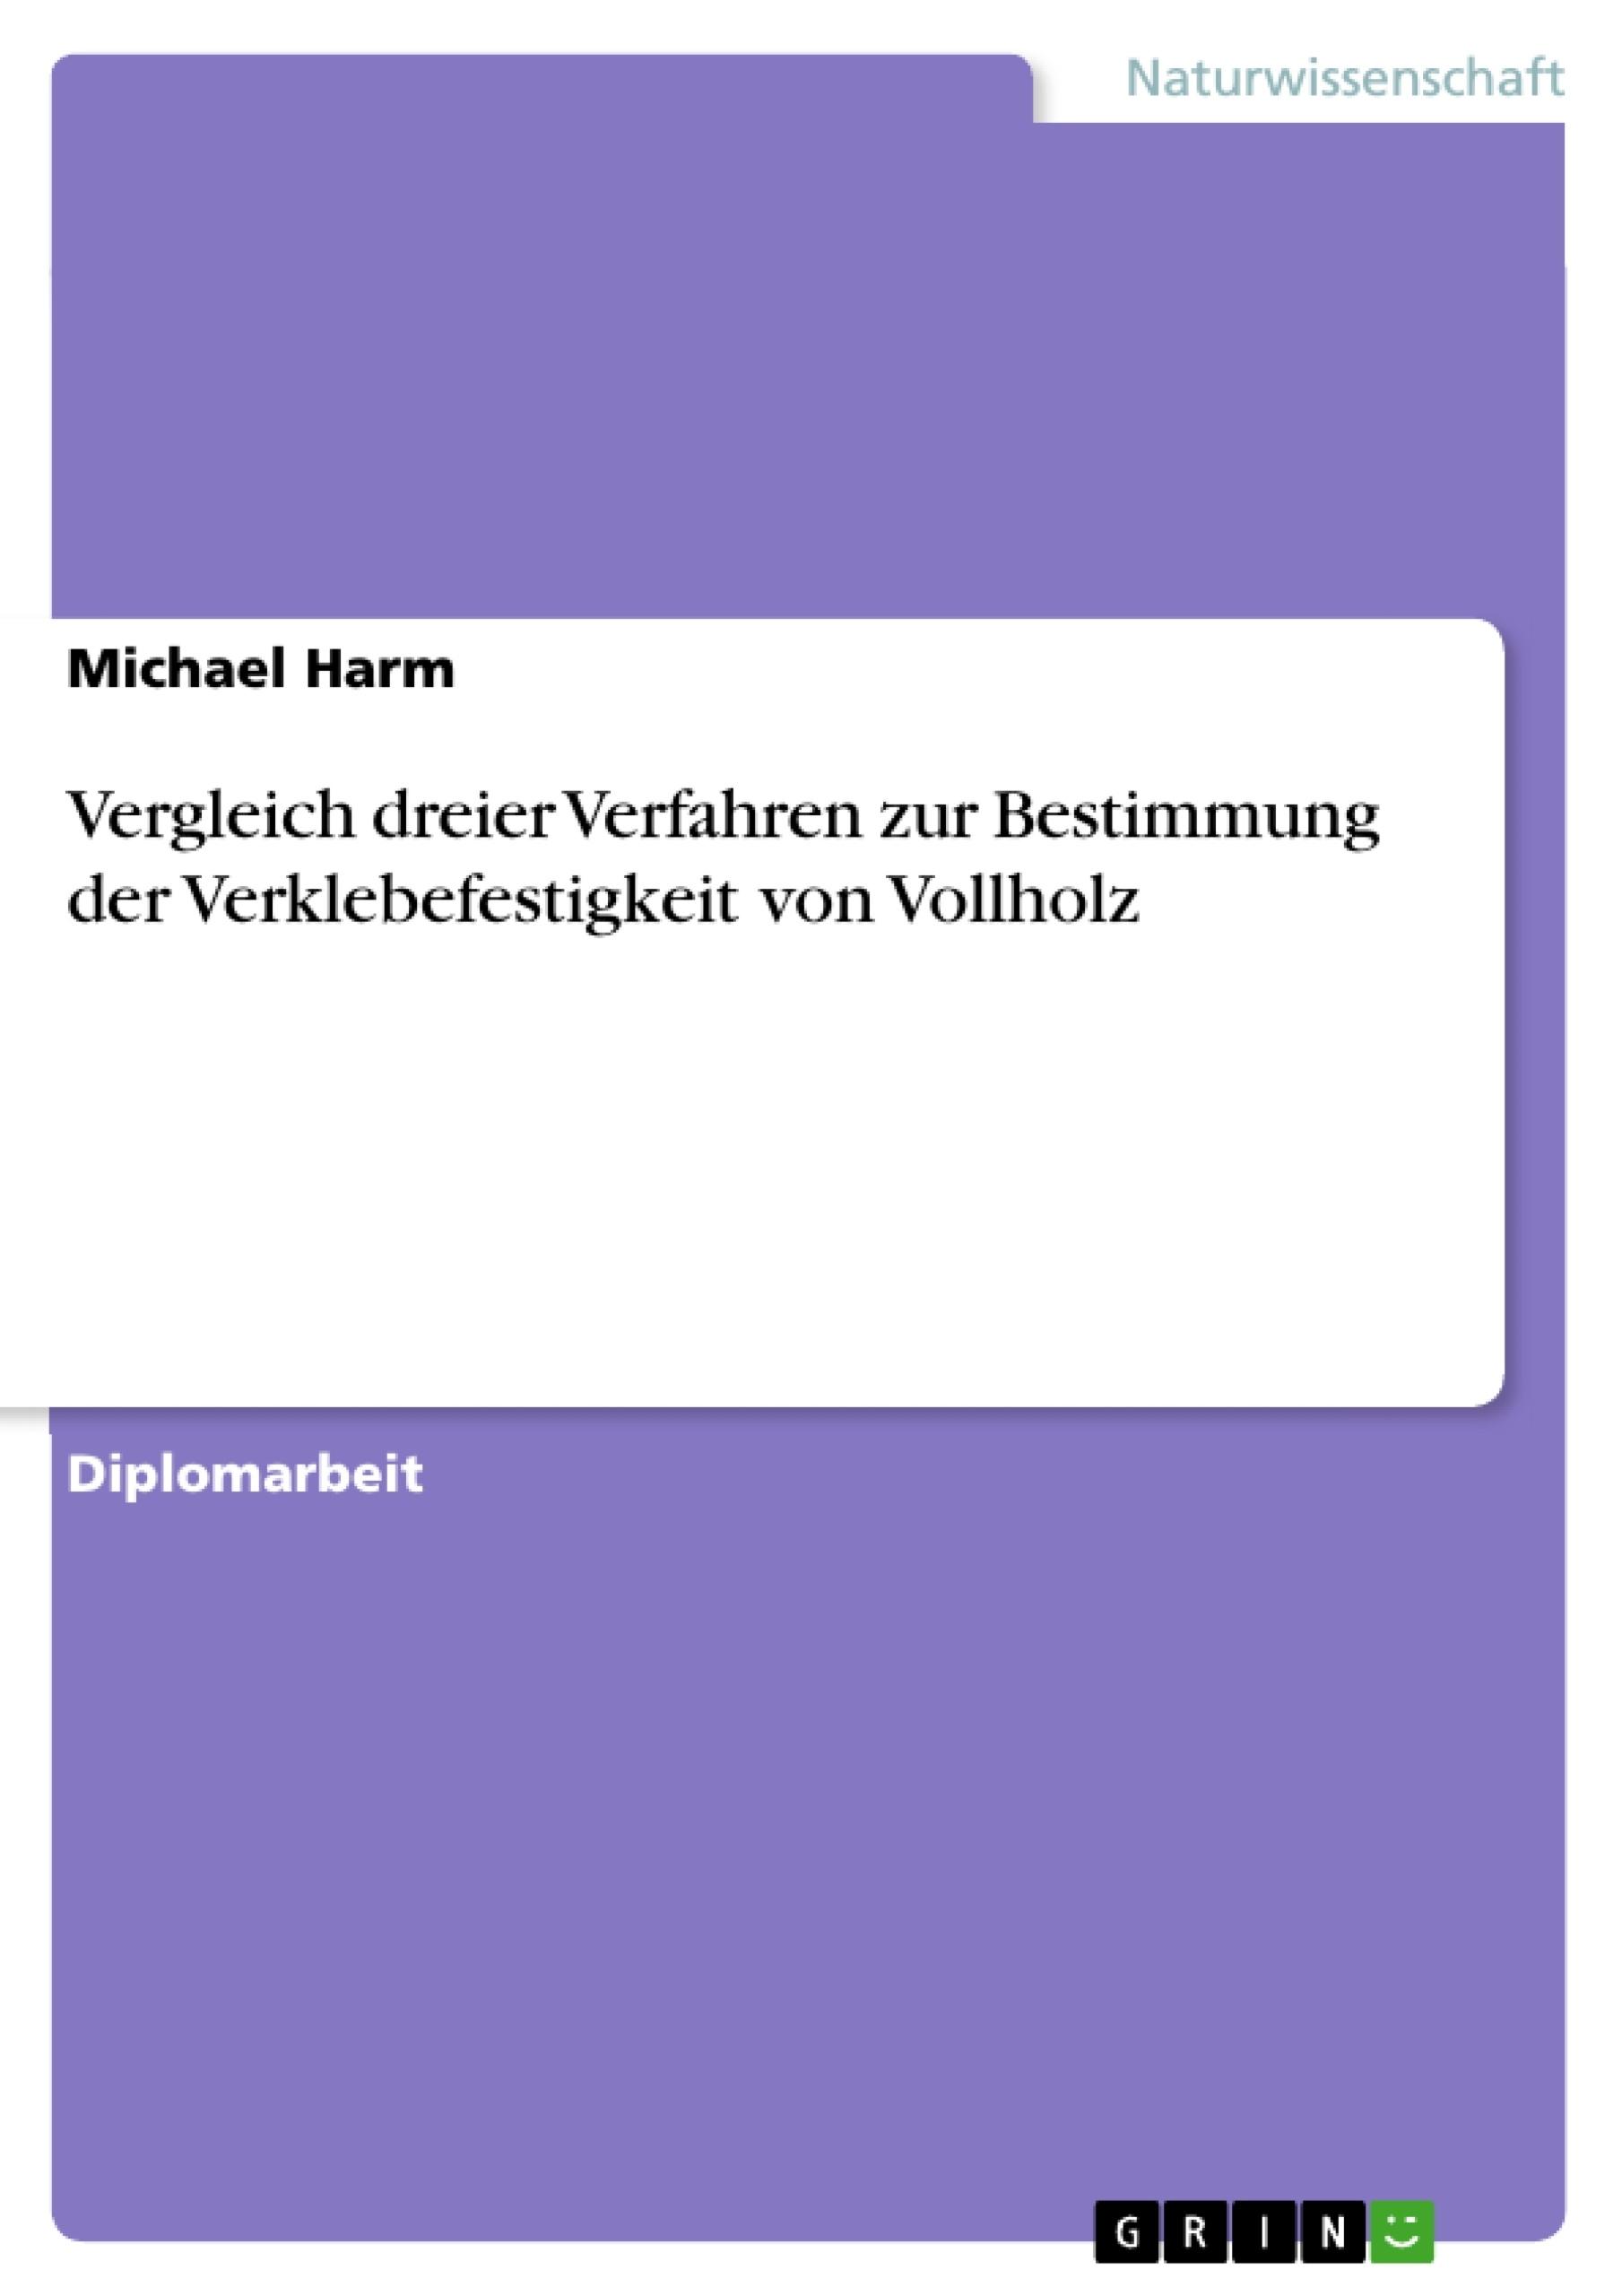 Titel: Vergleich dreier Verfahren zur Bestimmung der Verklebefestigkeit von Vollholz